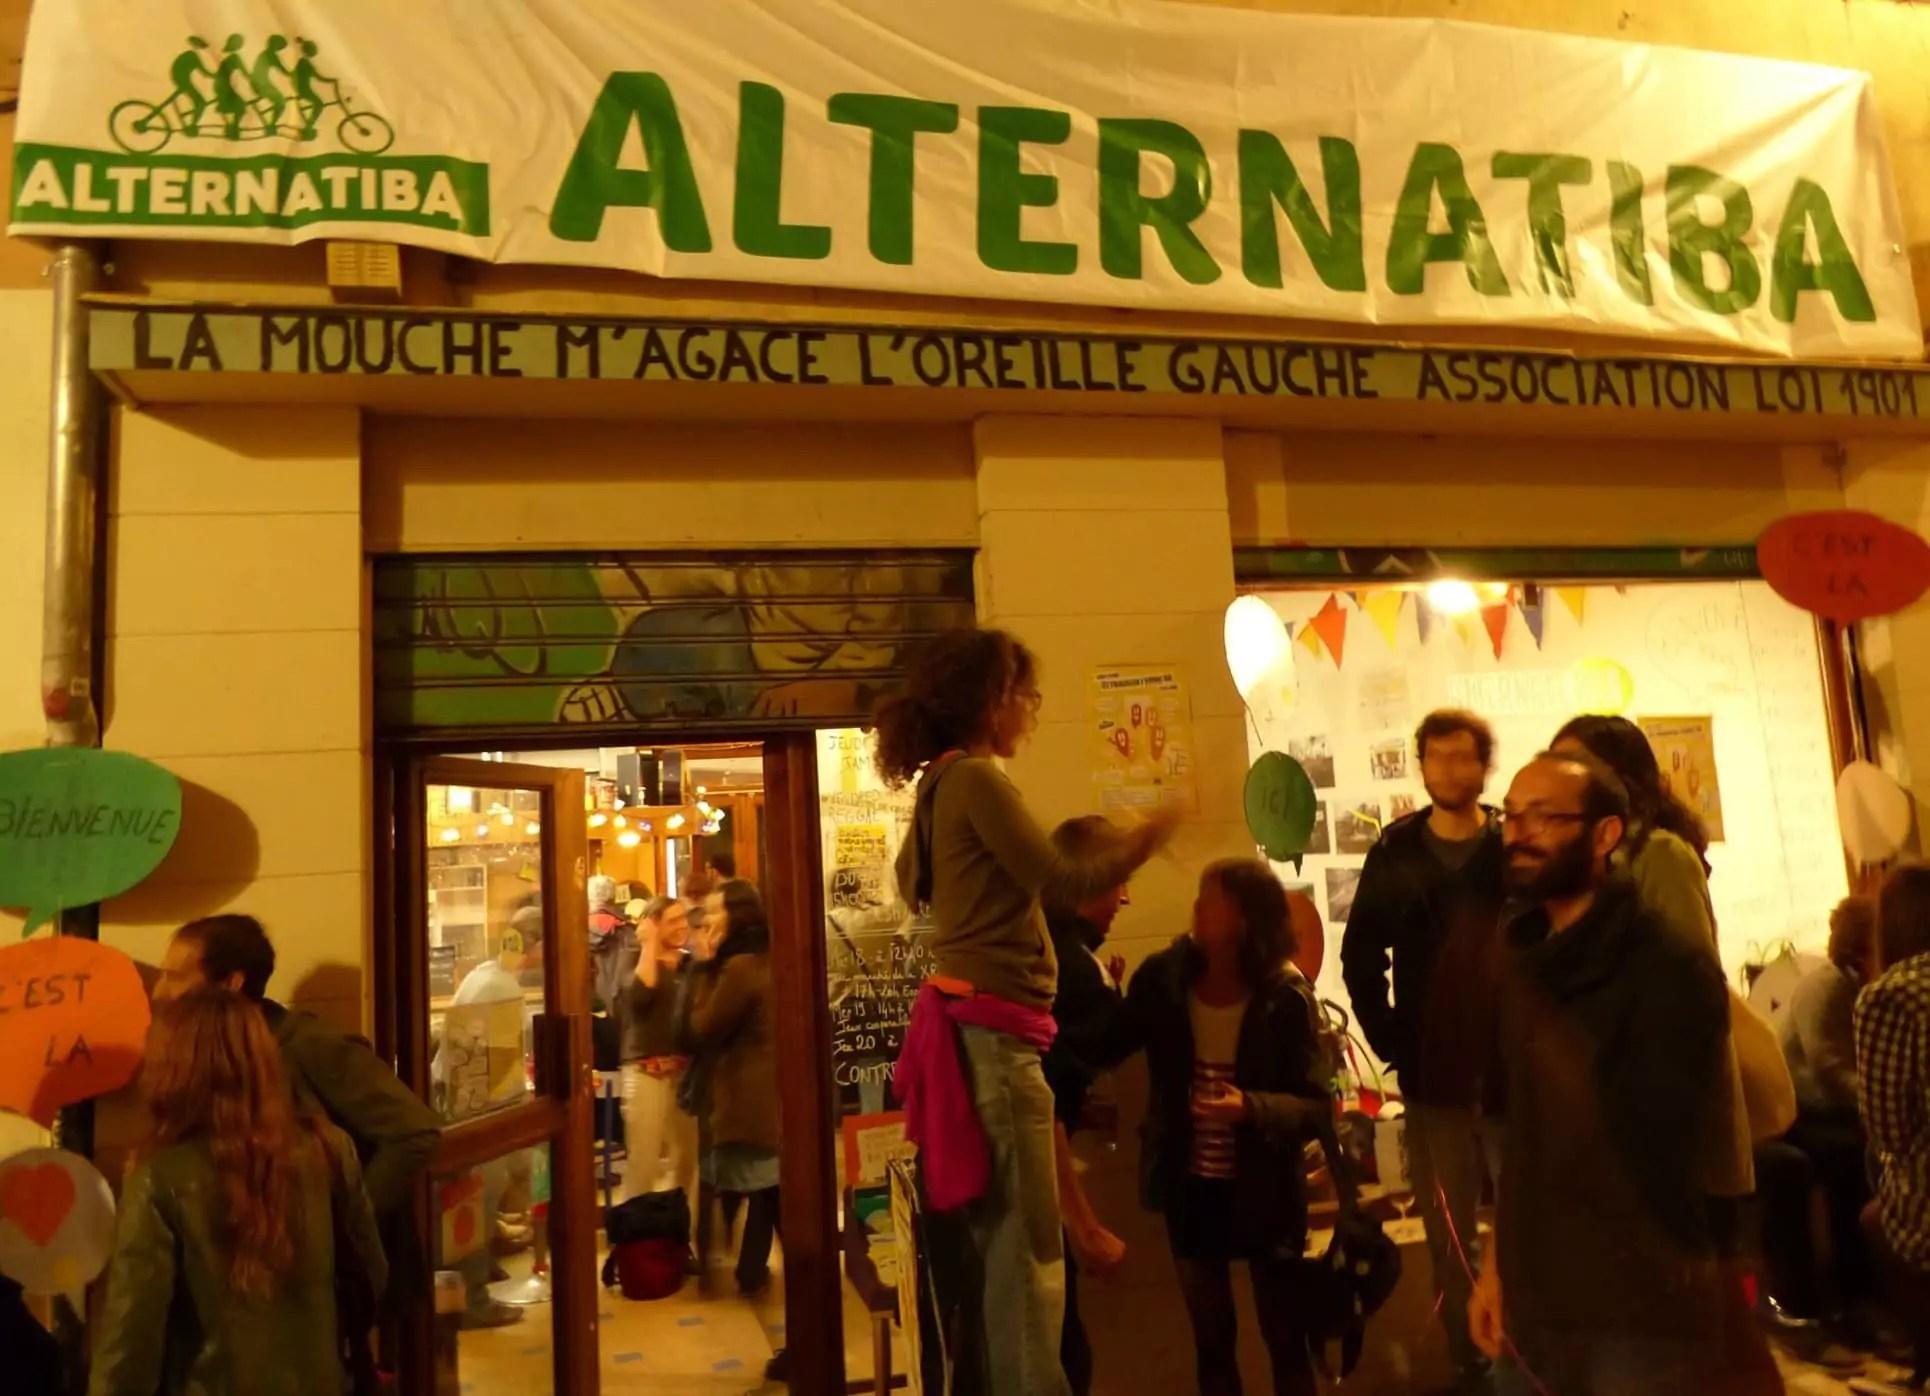 L'Alternatibar, ouvert depuis le 1er septembre, organisait sa soirée d'inauguration officielle le samedi 15 octobre.